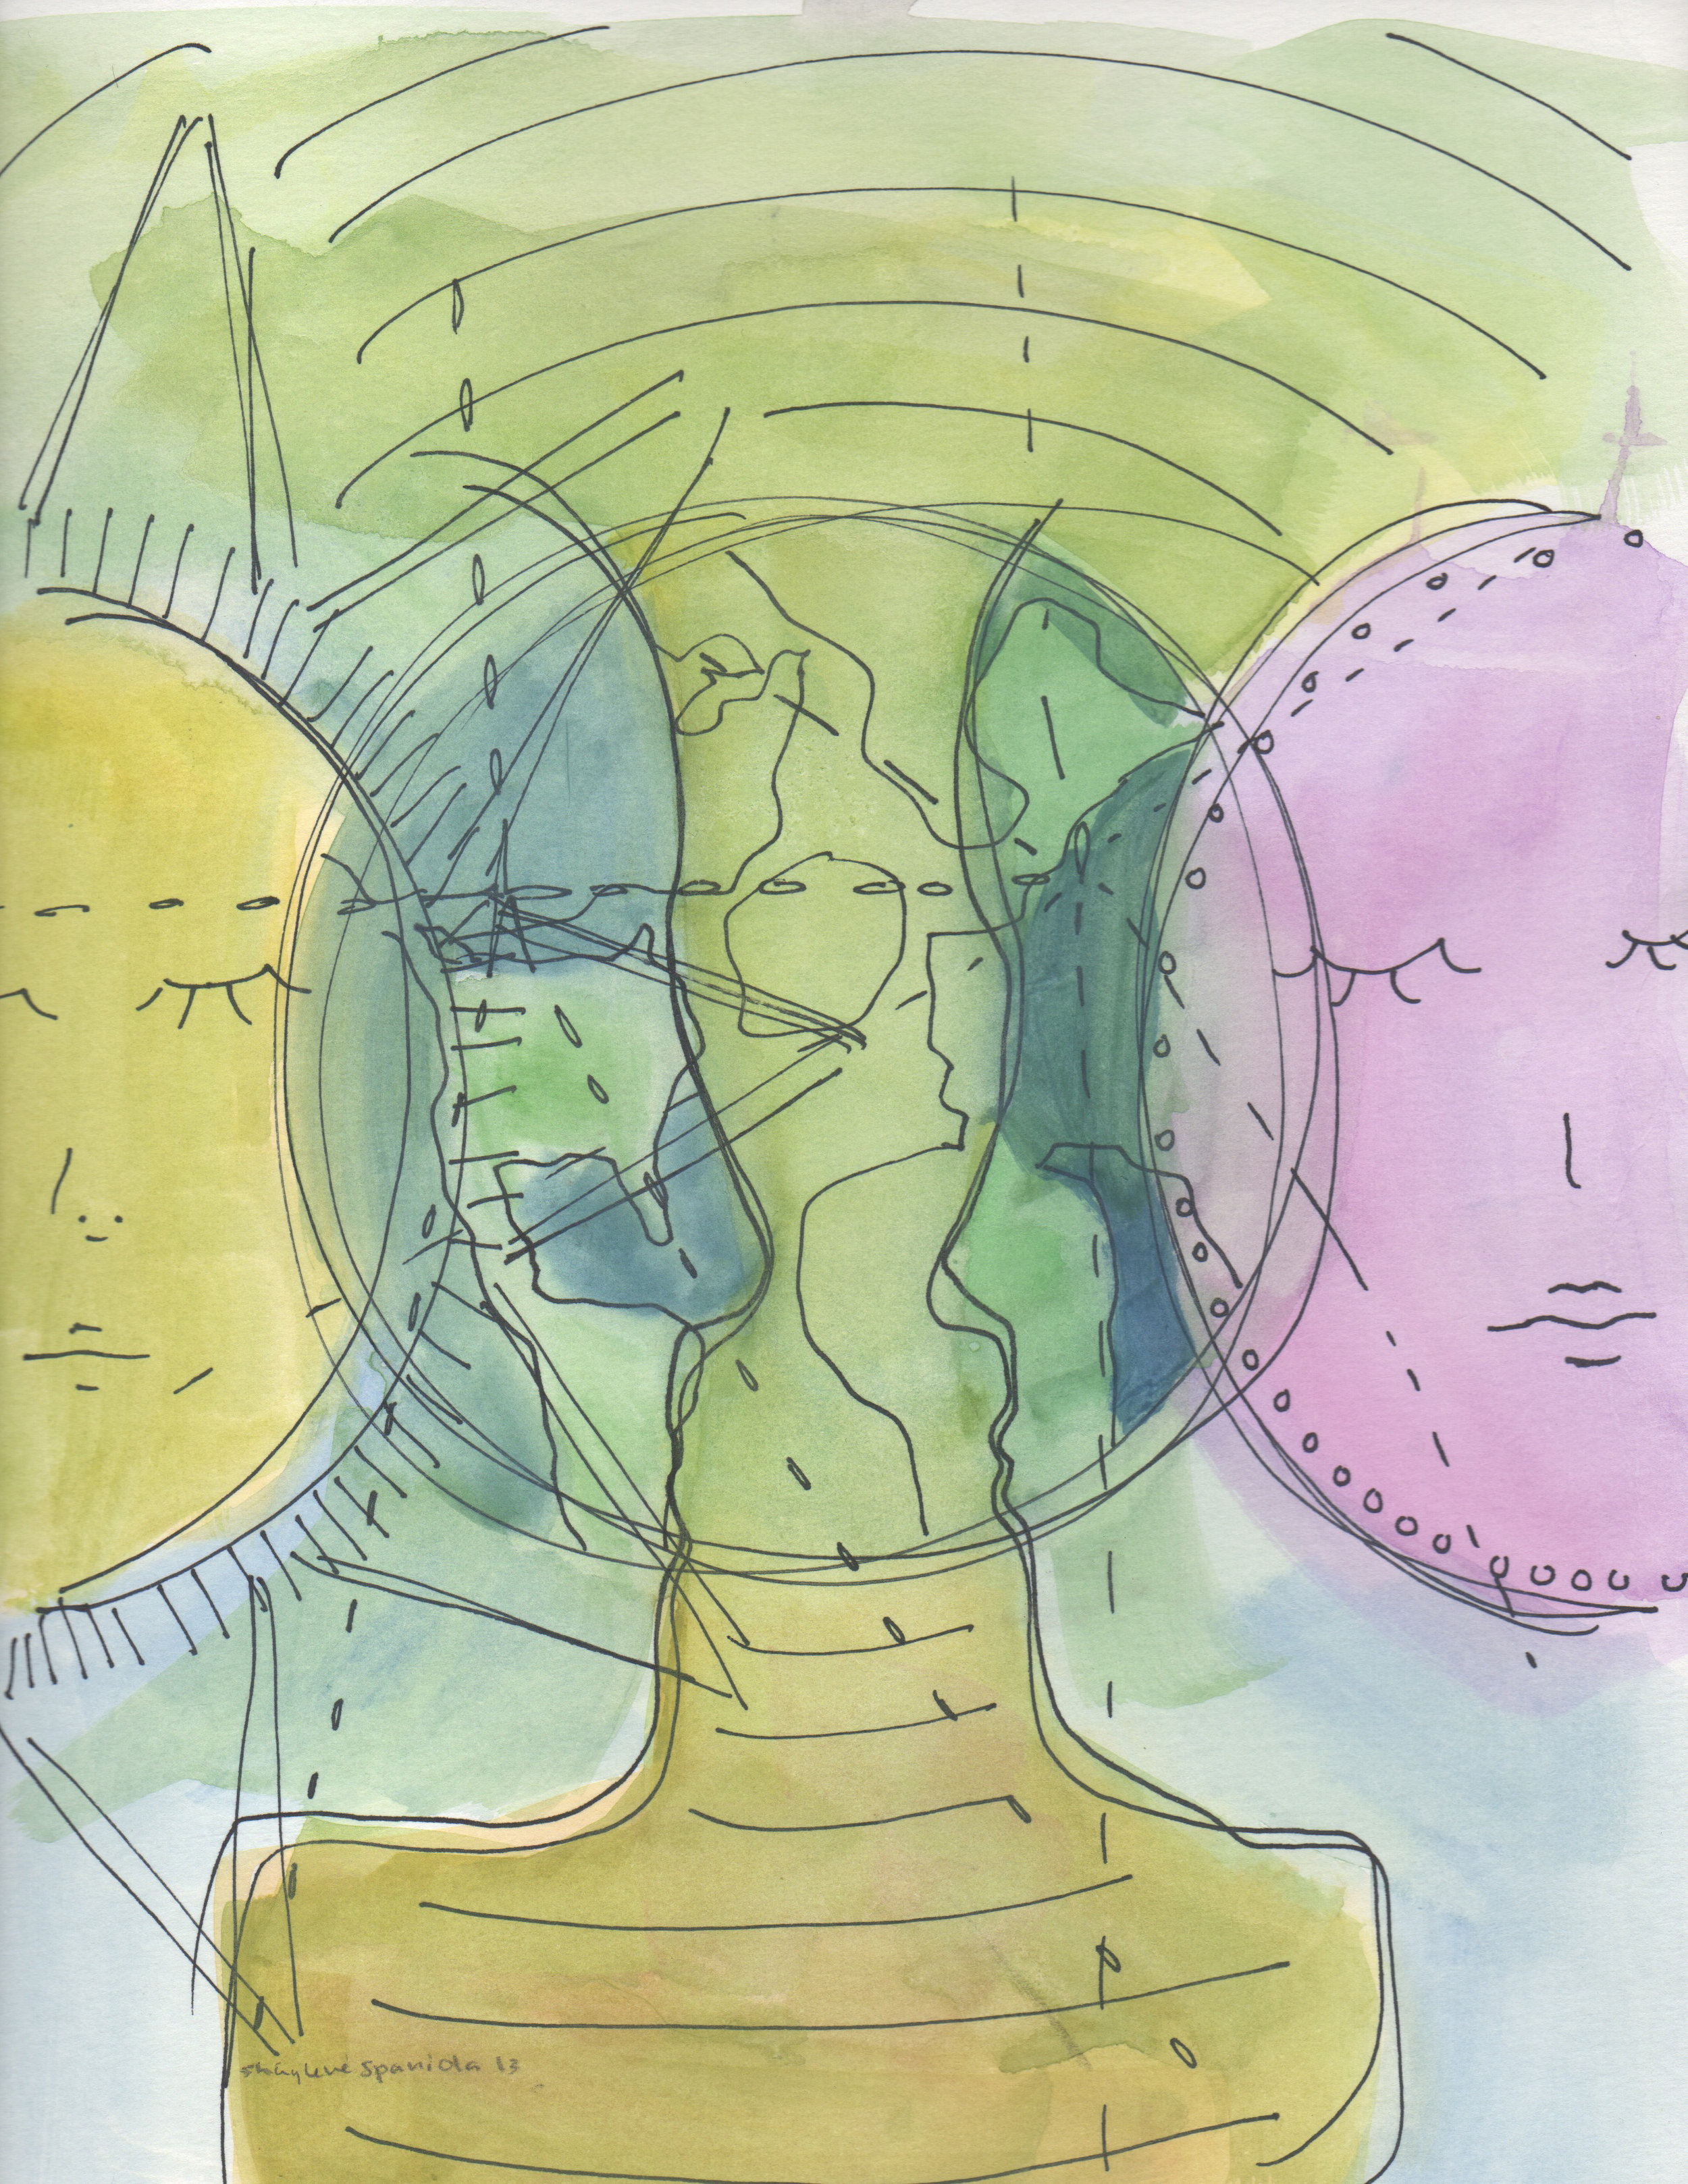 Mystic Art by Shay Spaniola